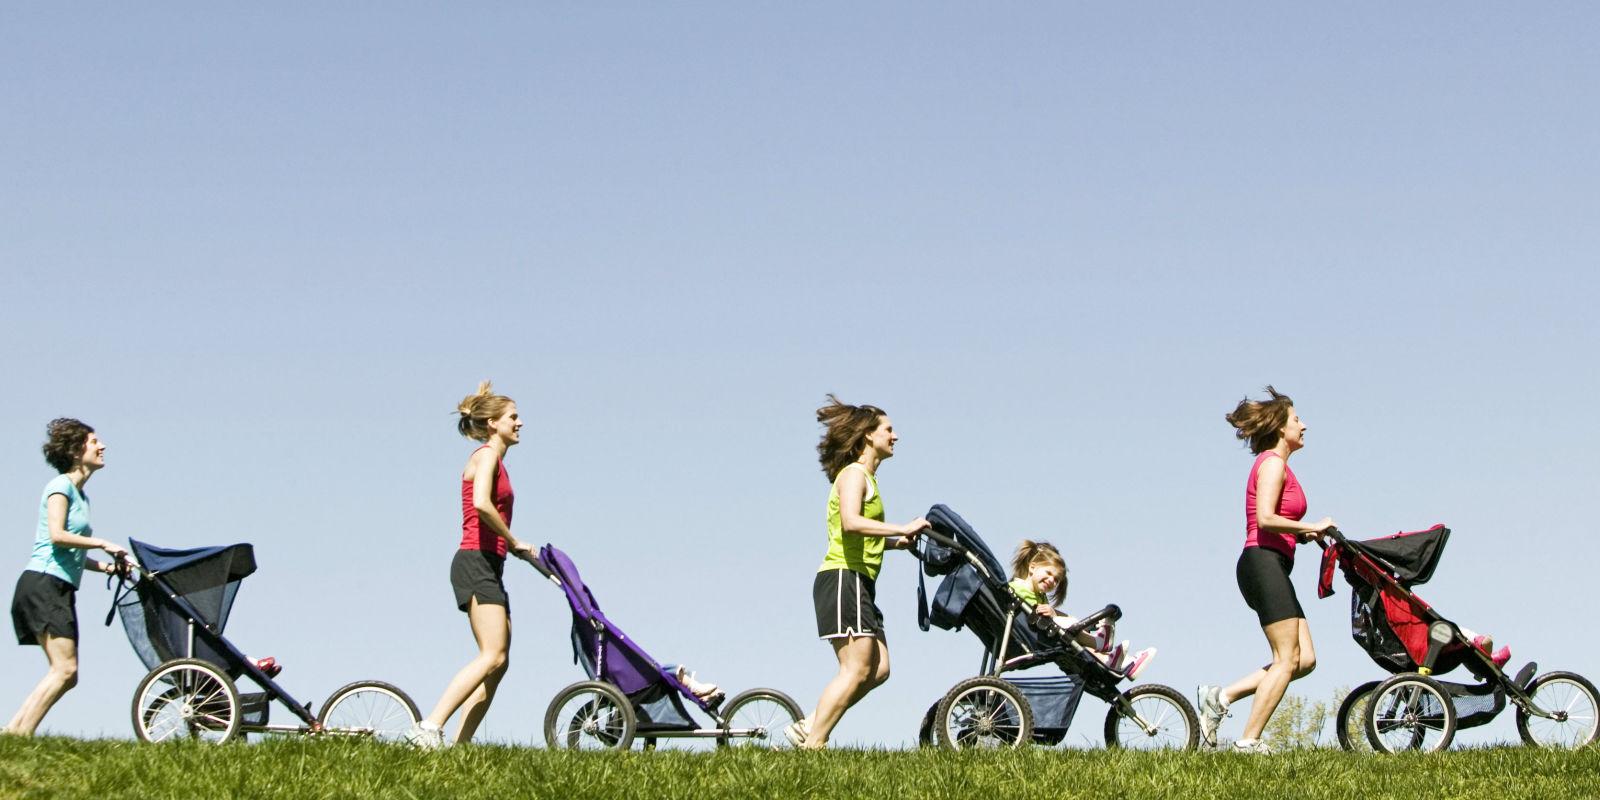 мамы занимаются бегом с детишками в трёхколёсных колясках